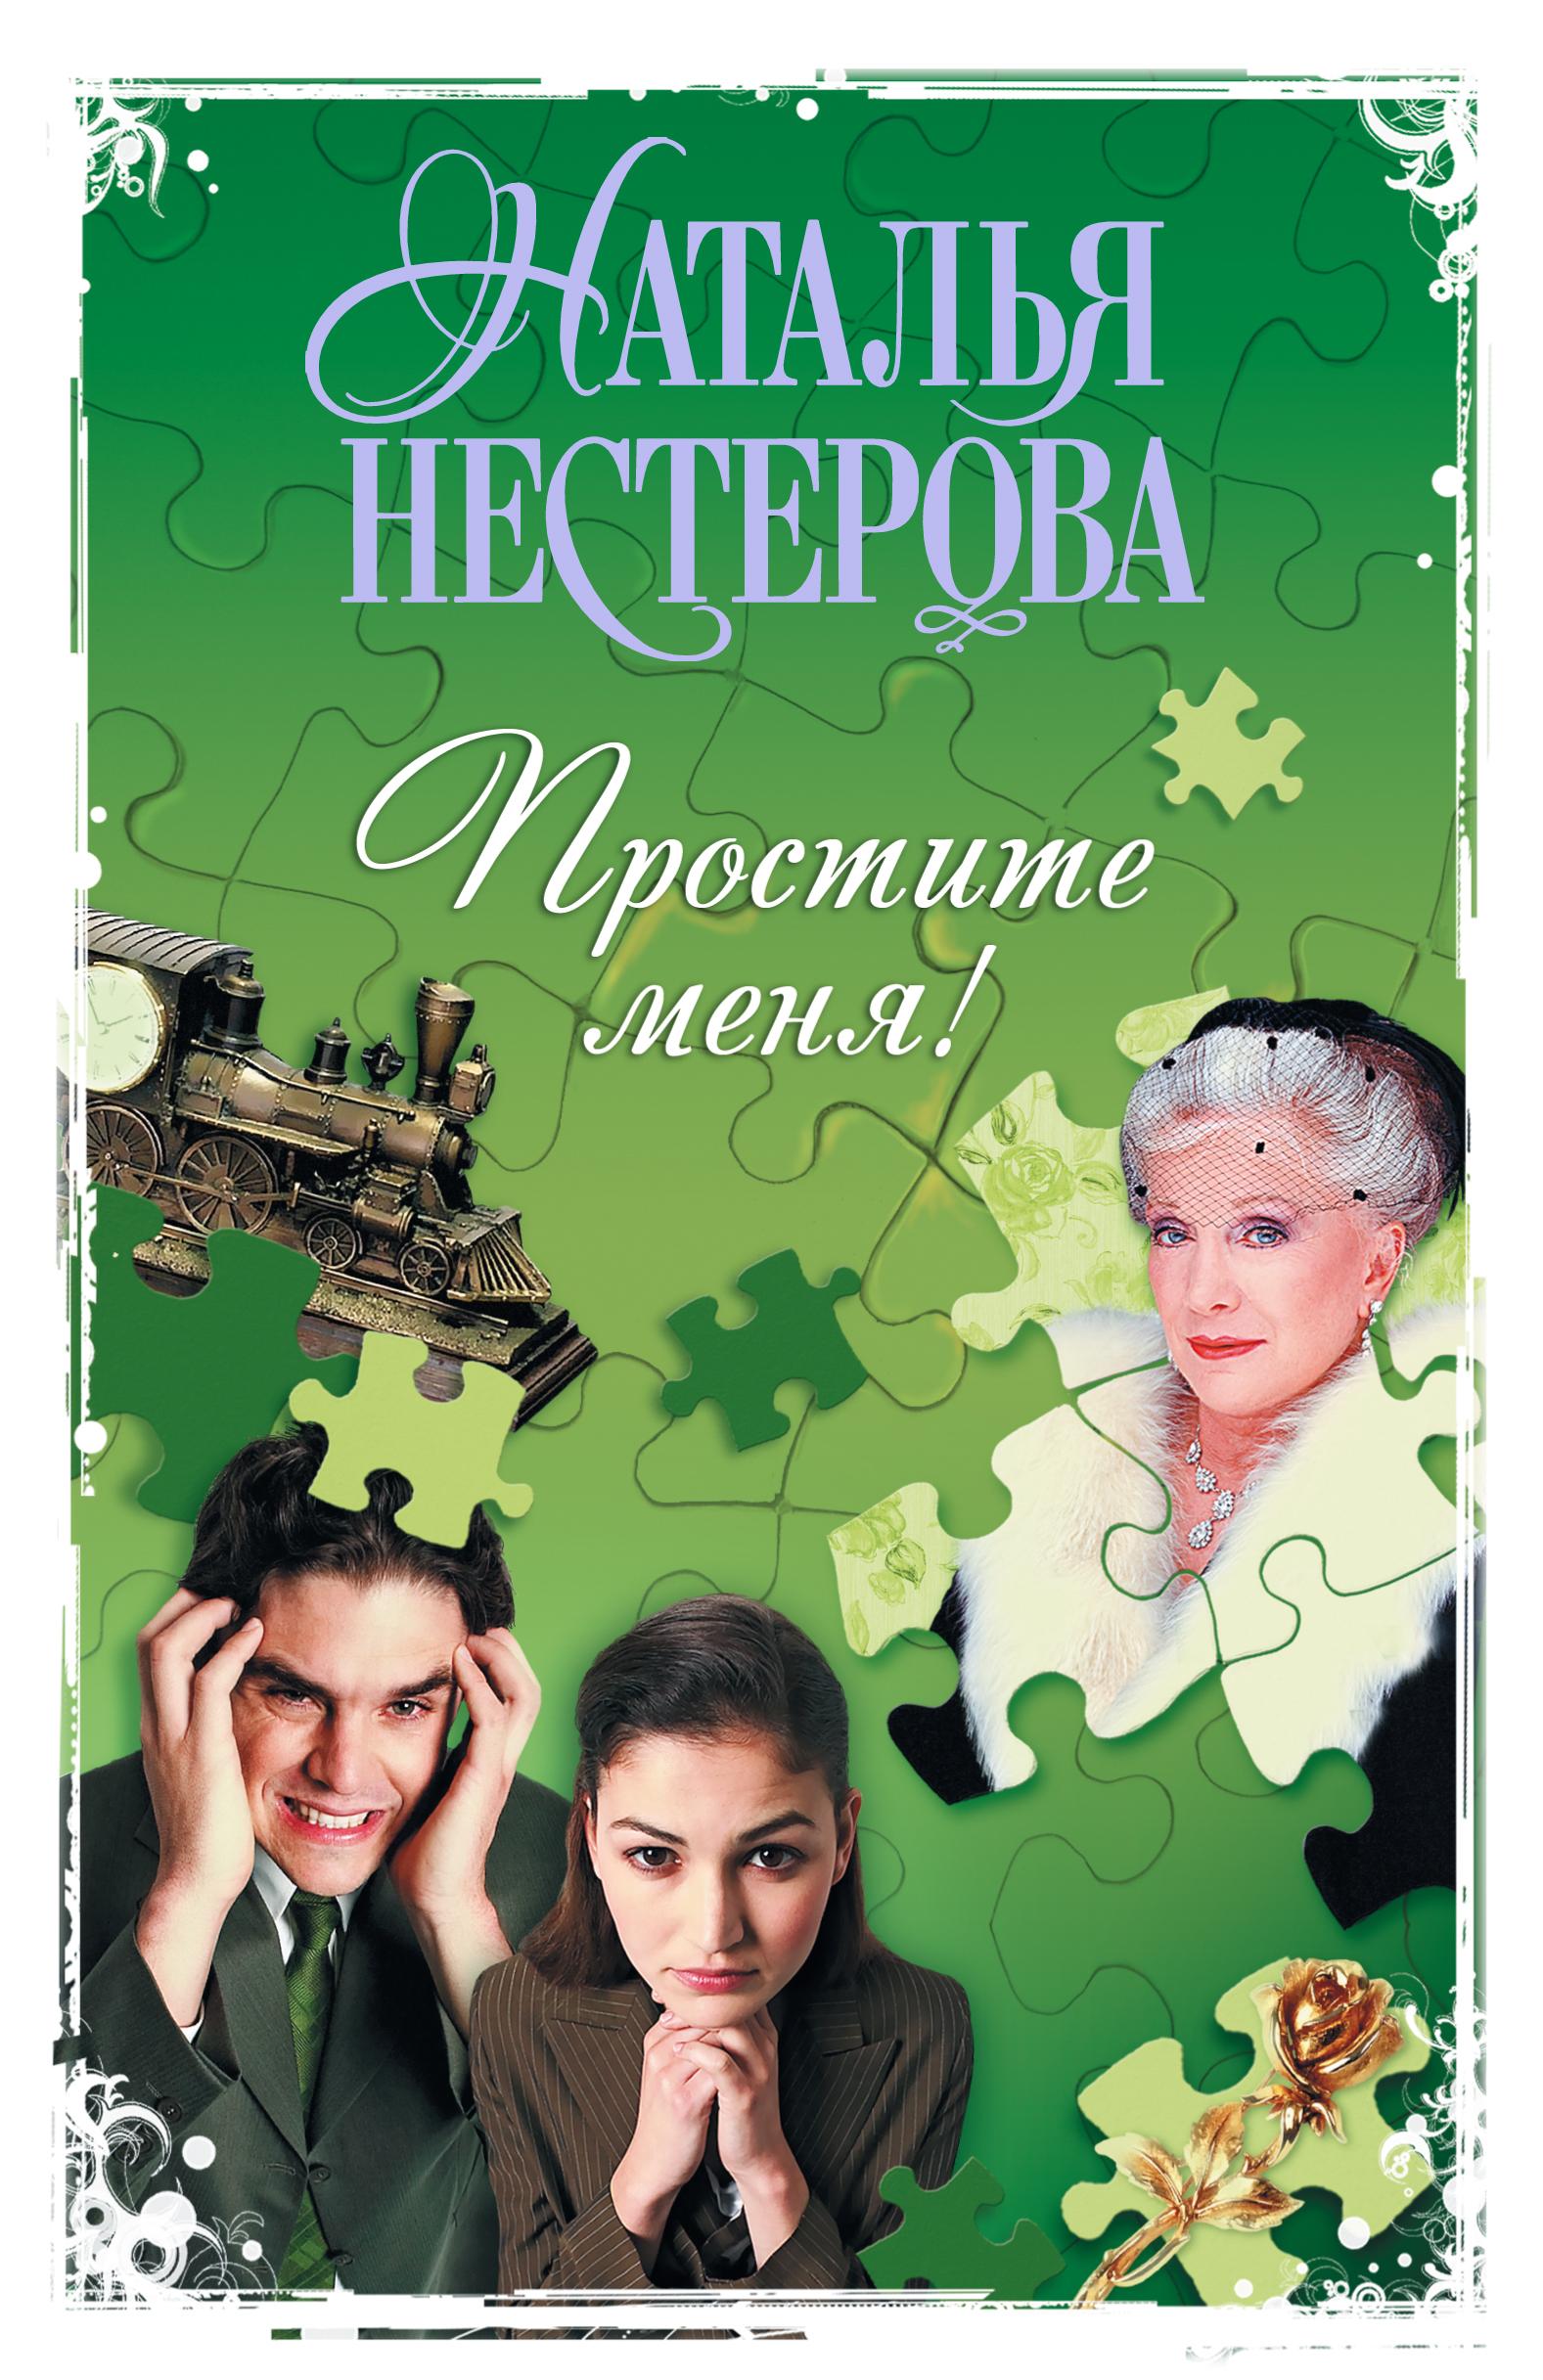 Наталья Нестерова Простите меня! (Сборник)